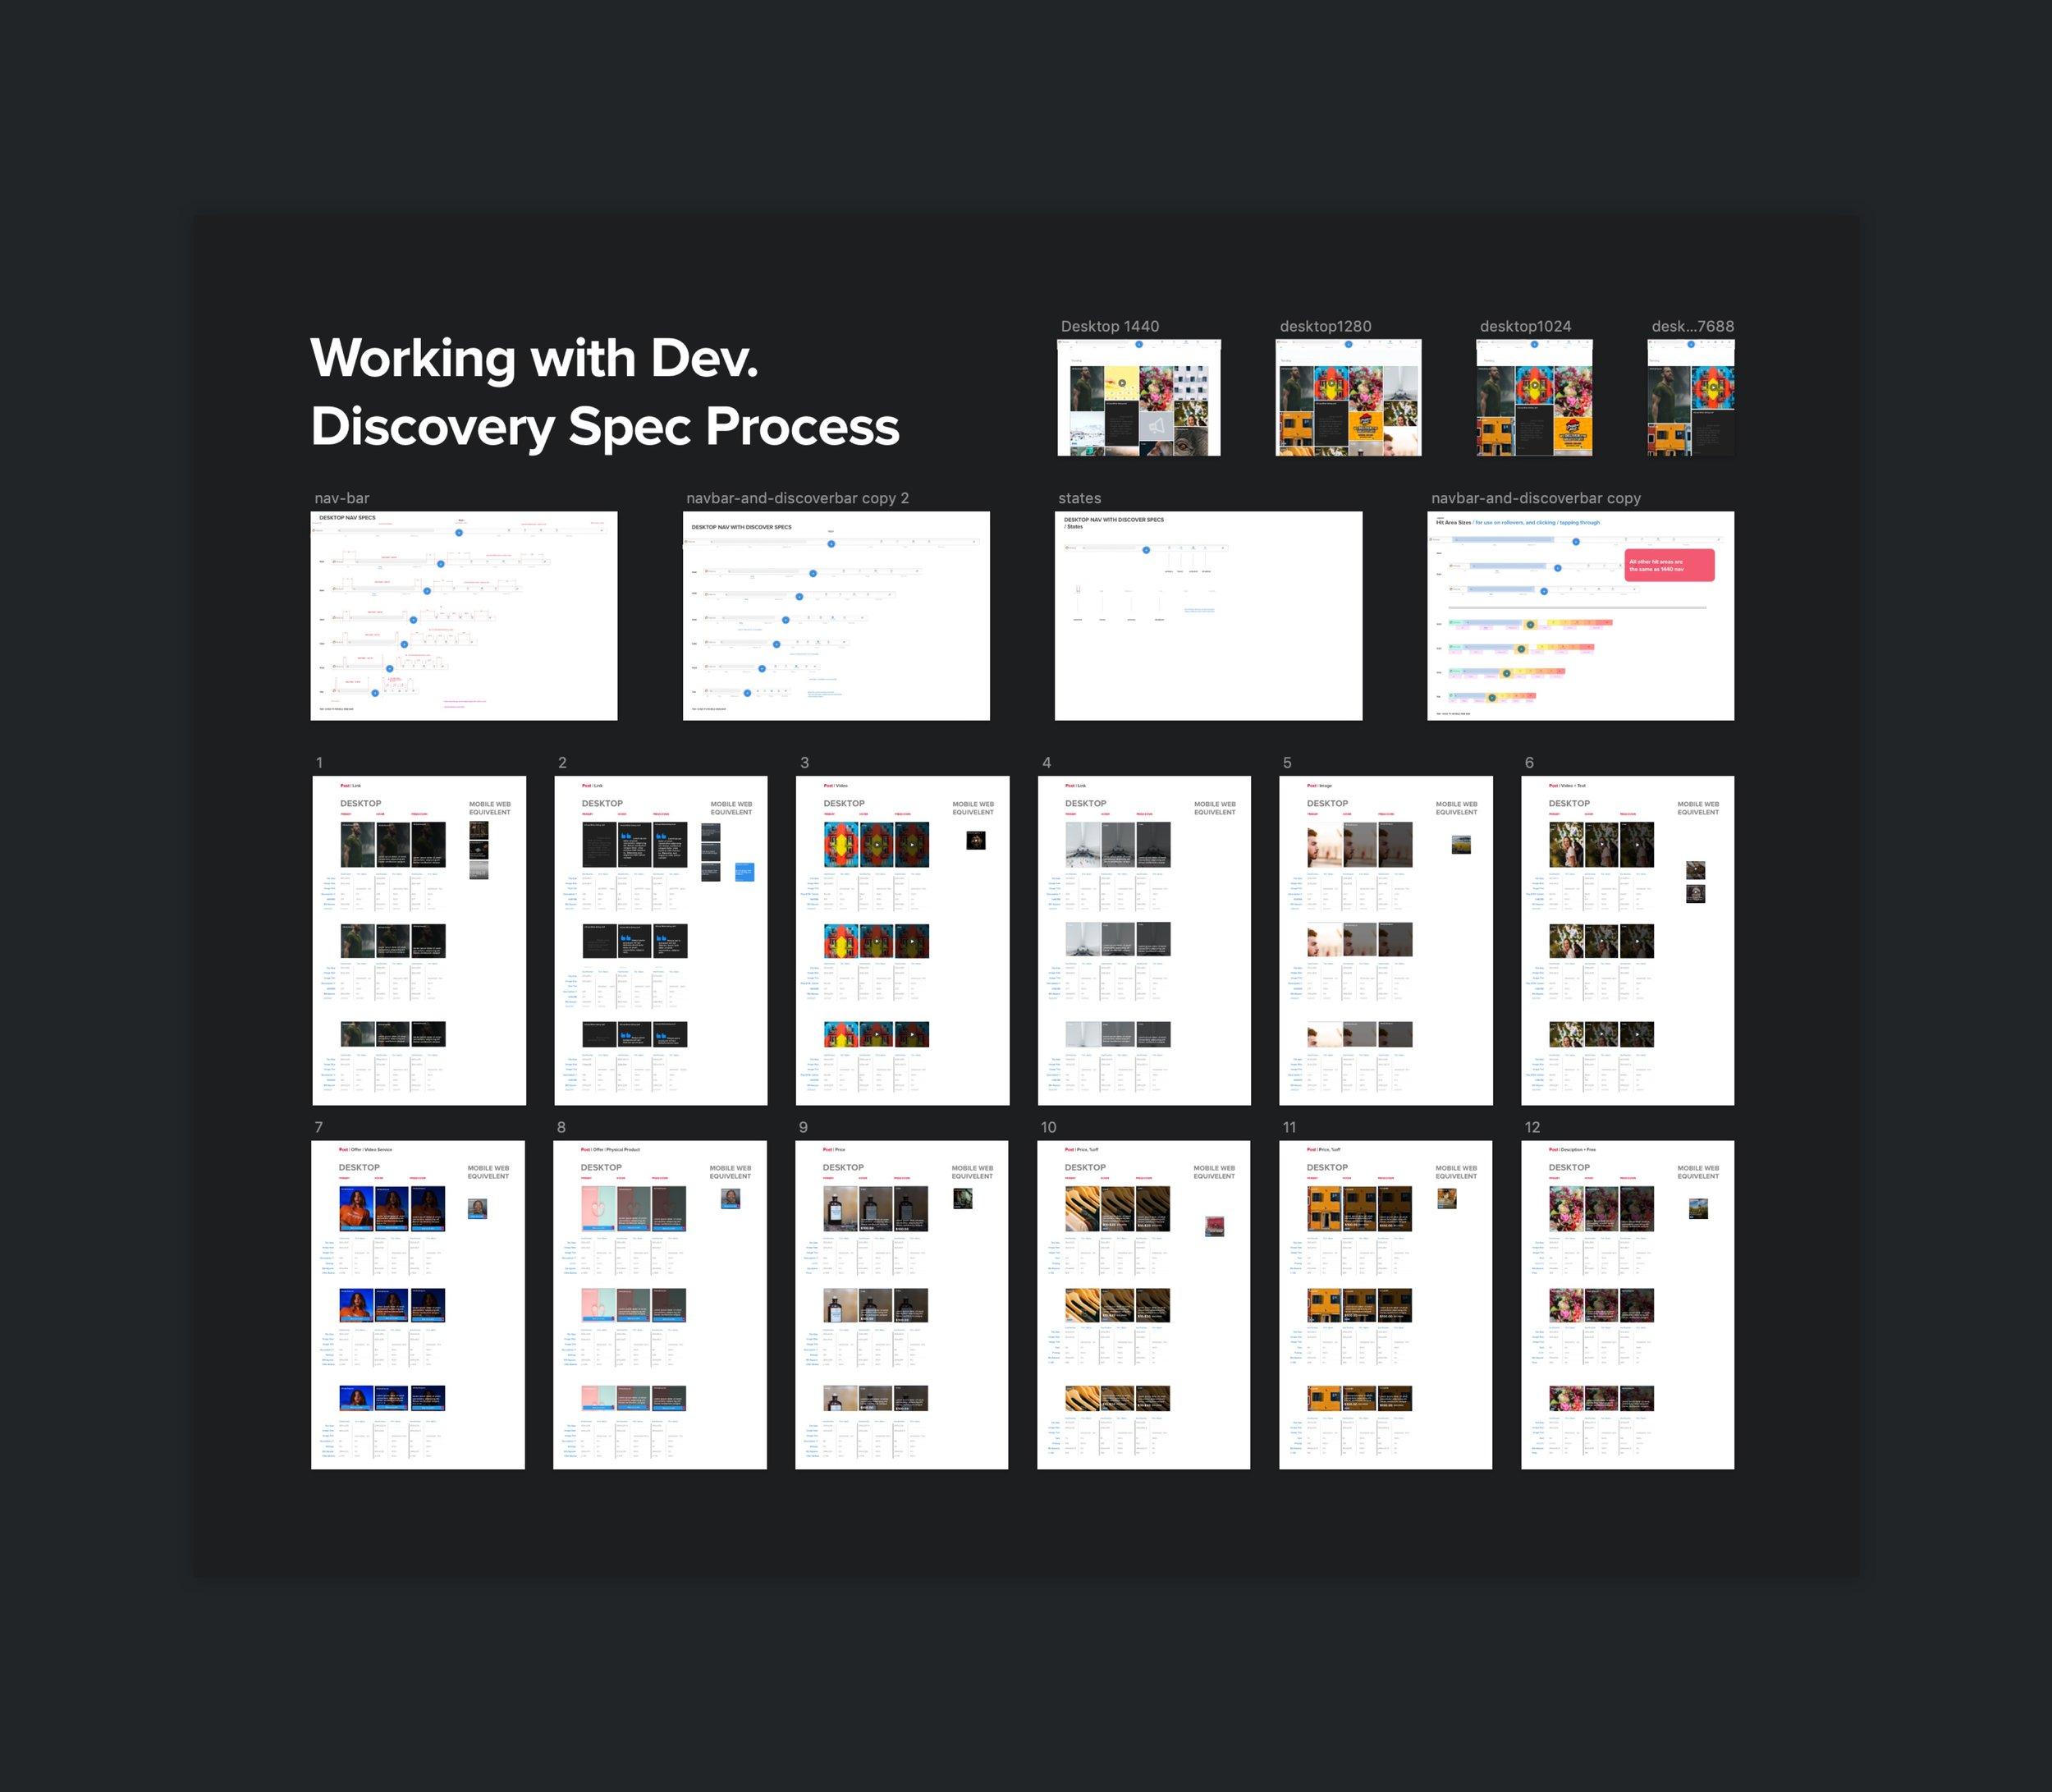 specking-images copy 2.jpg